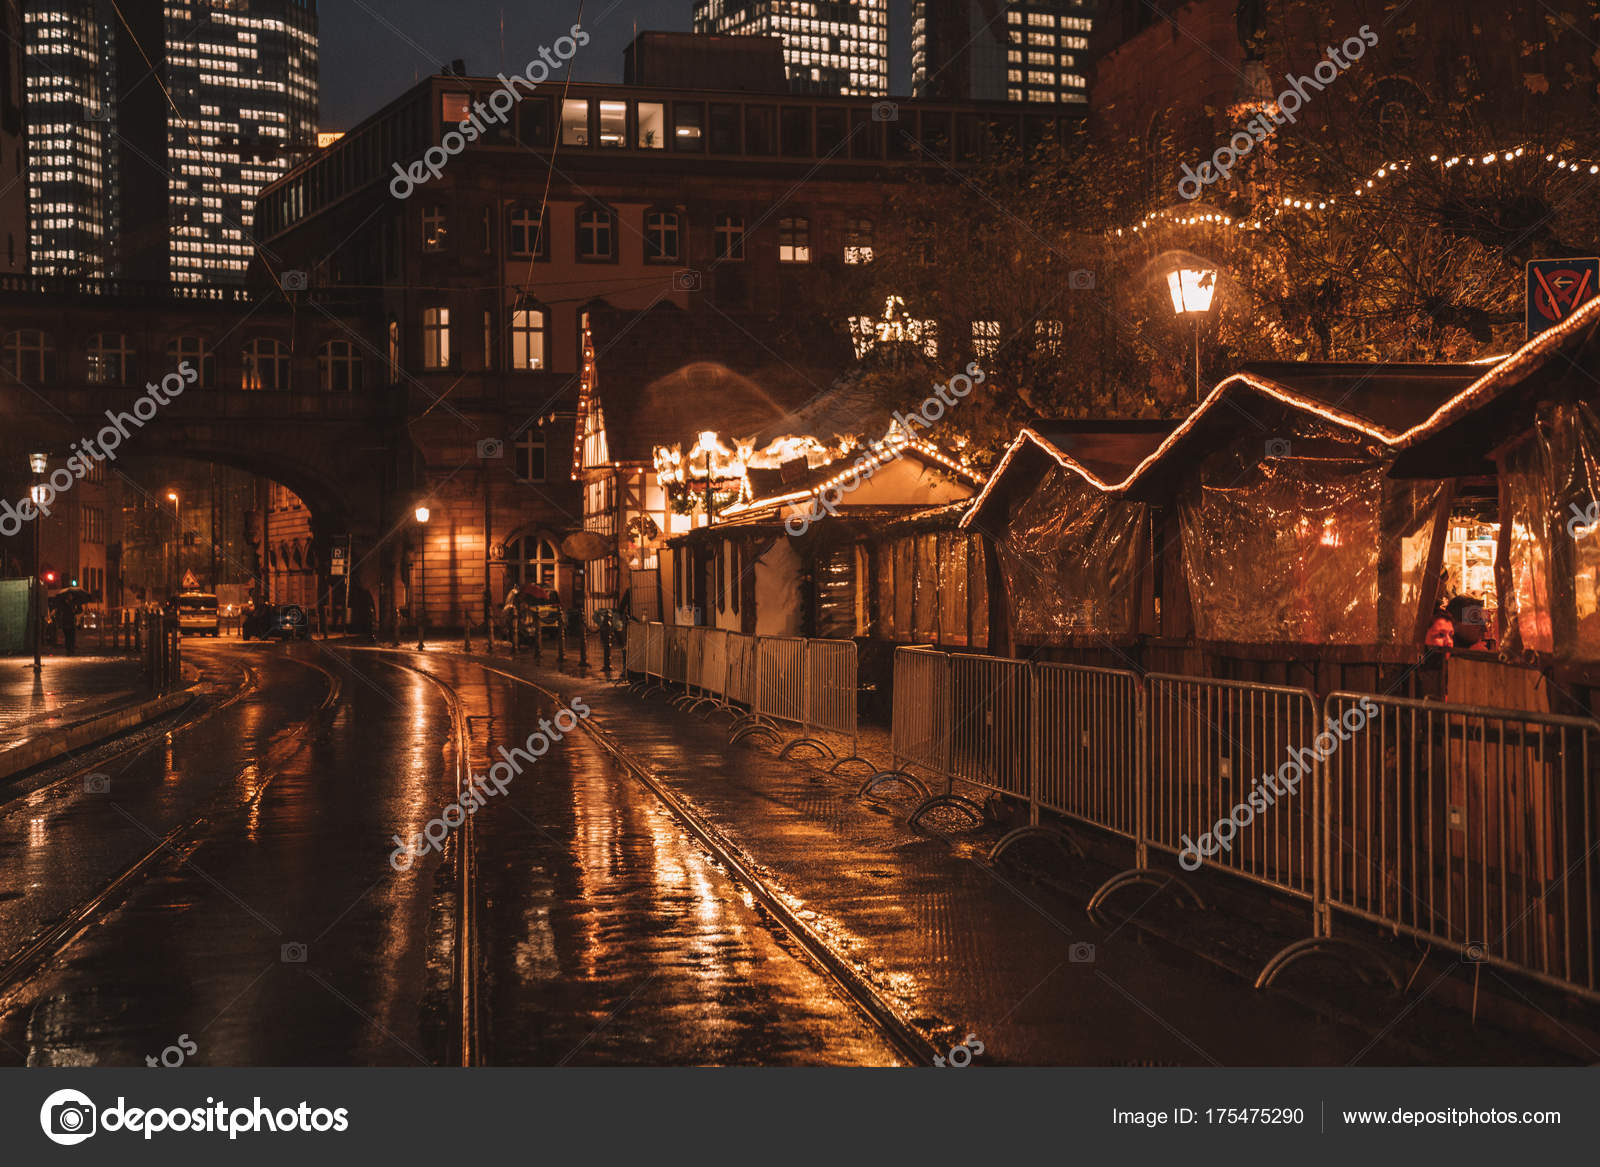 Weihnachtsstimmung Schnee Nacht Markt Feiern Weihnachten Feiertage ...